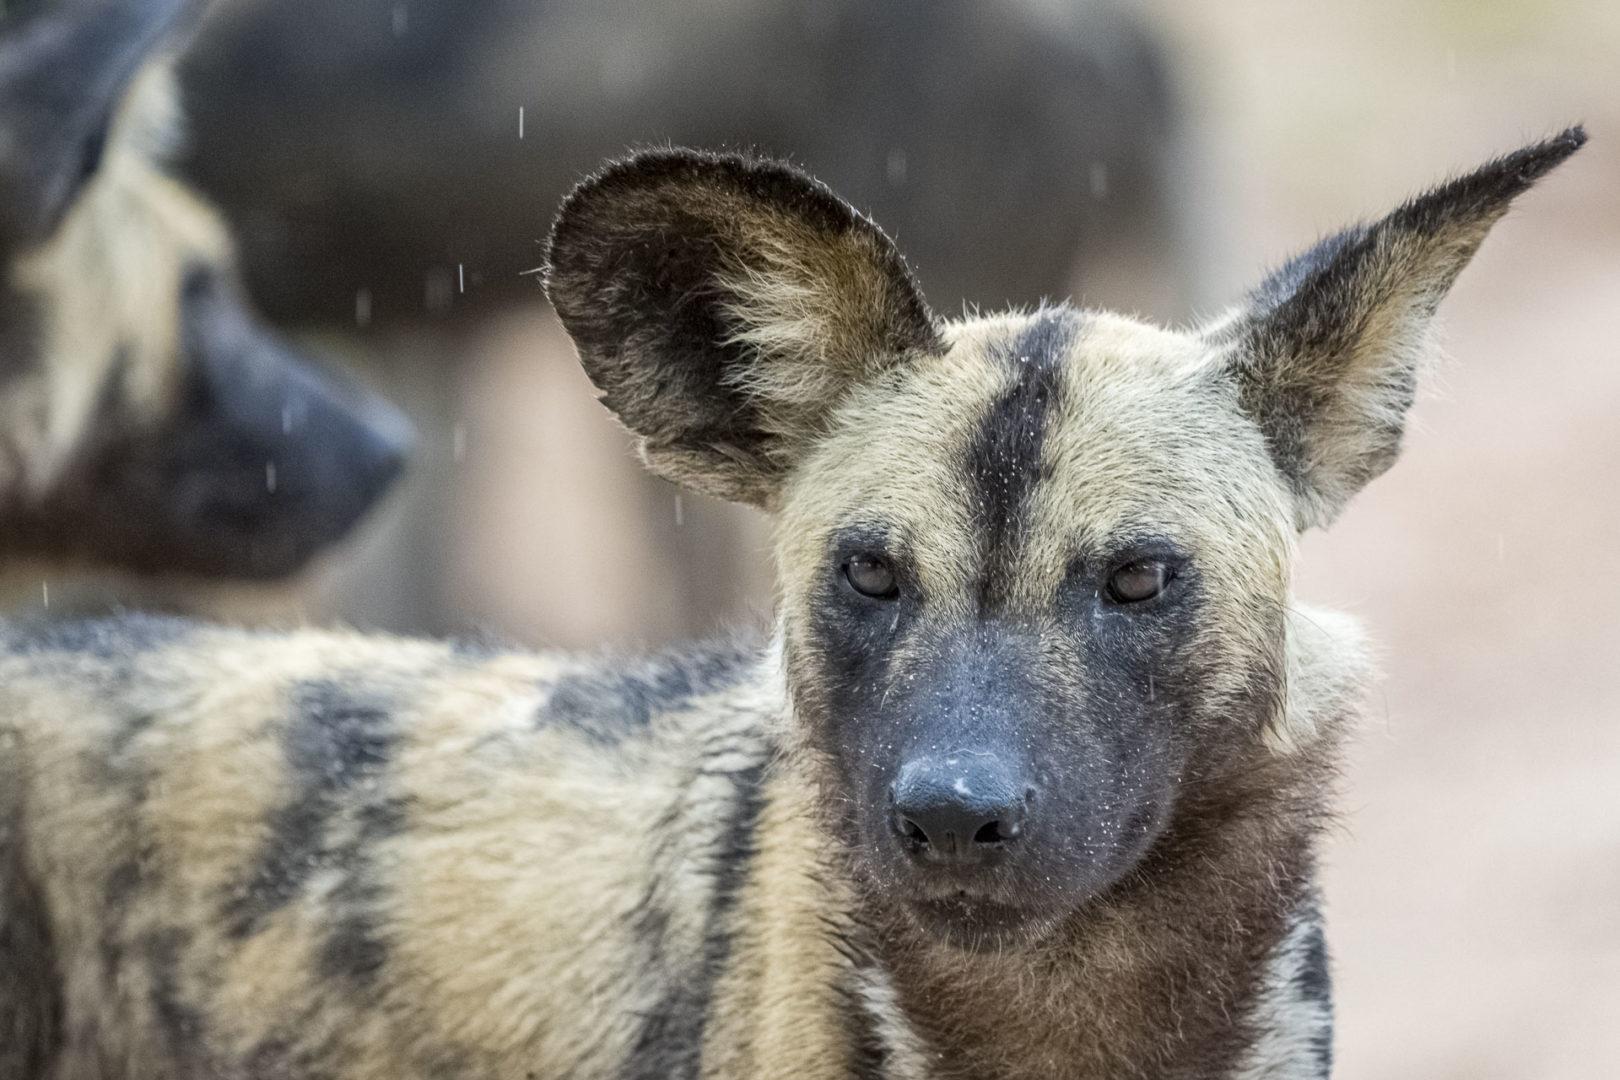 Skukuza Safari Lodge and Private Safari image ofa wild dog